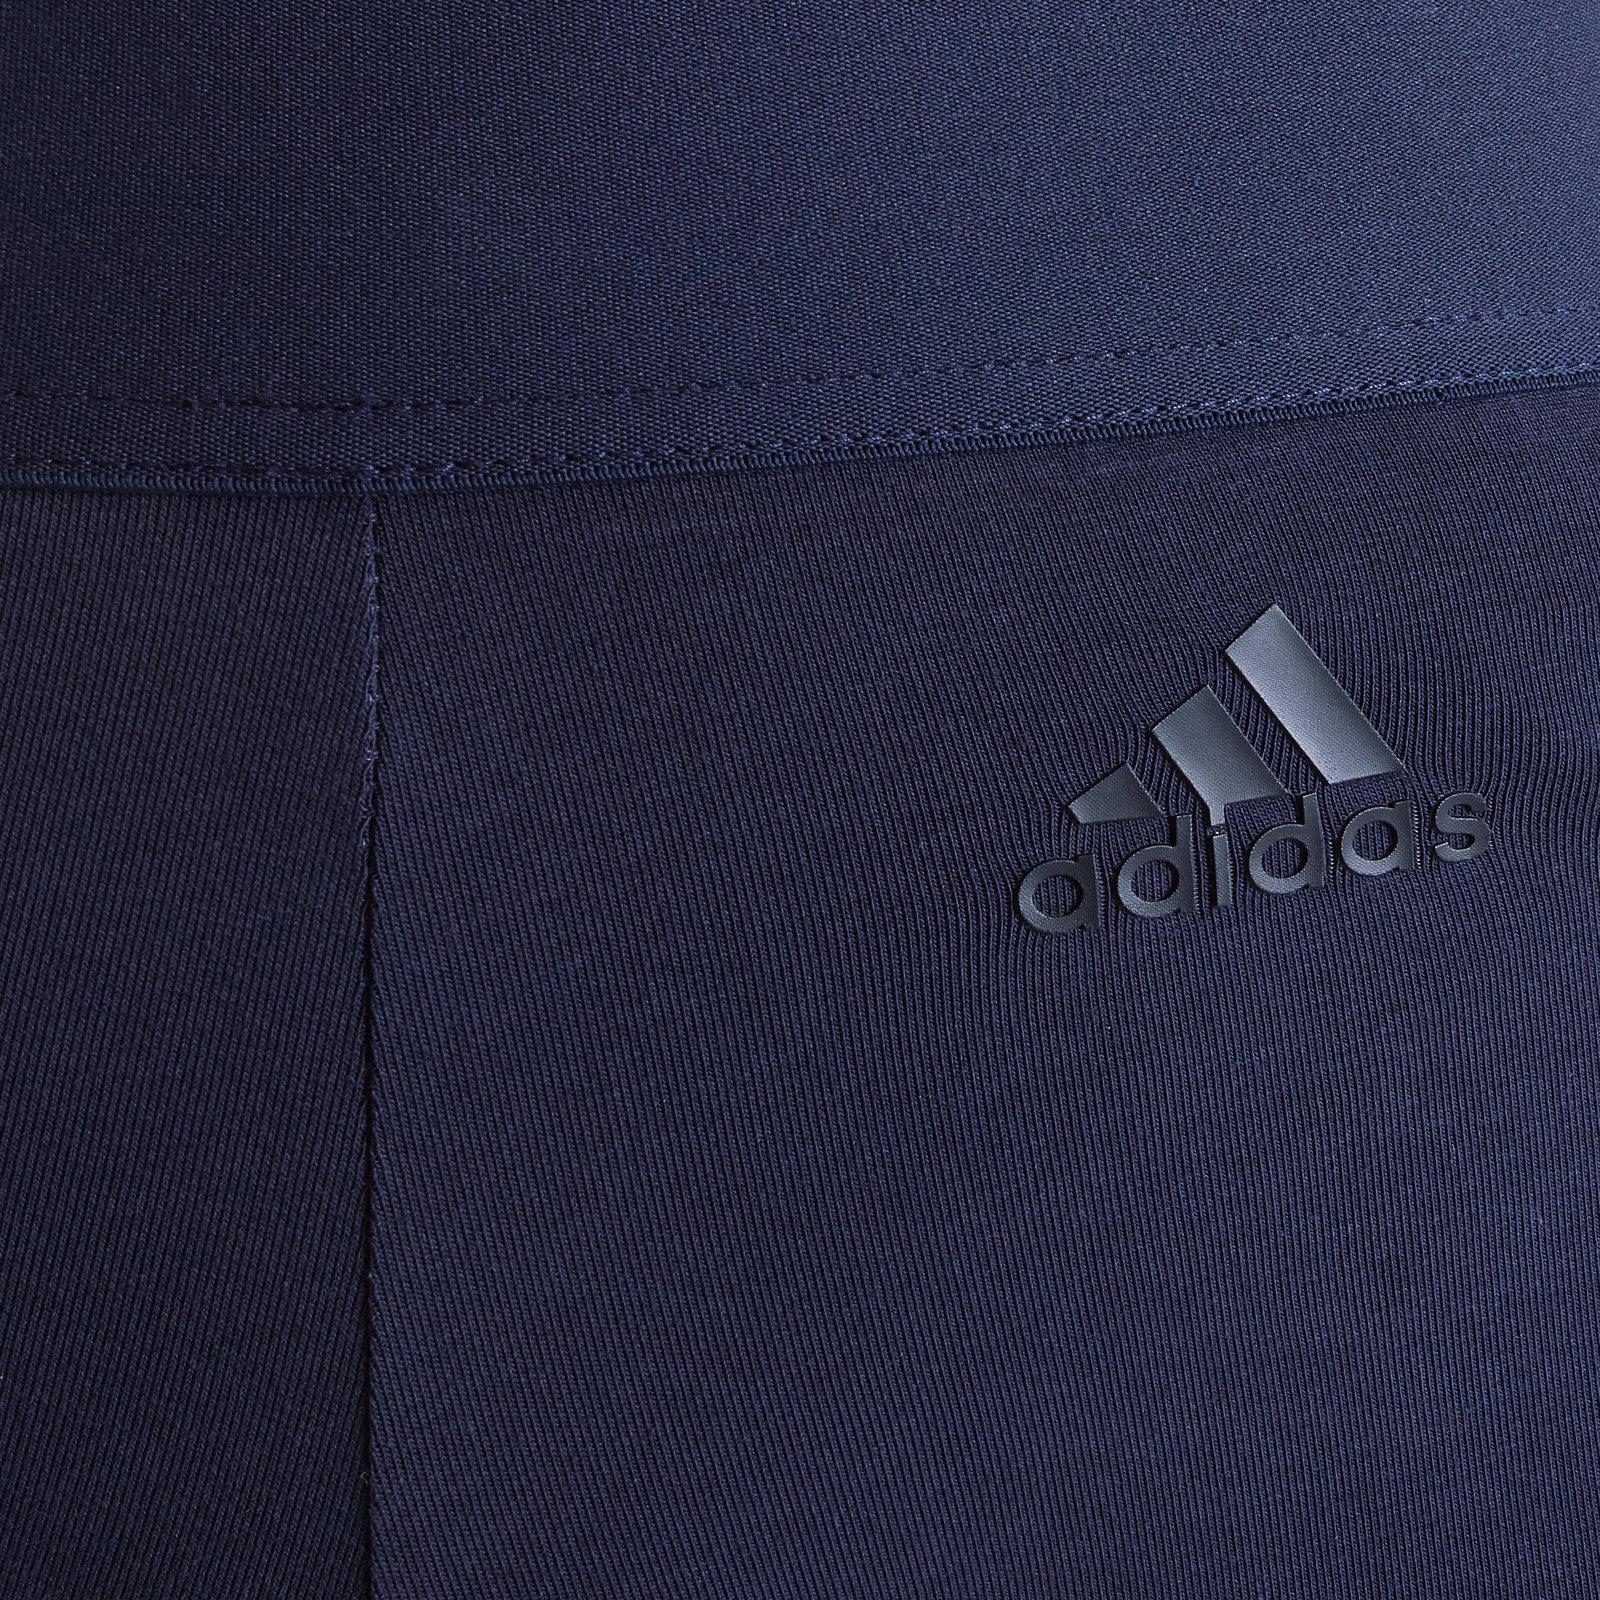 6140ec213e4dd adidas Womens ID Wind Ladies Tights Blue | eBay